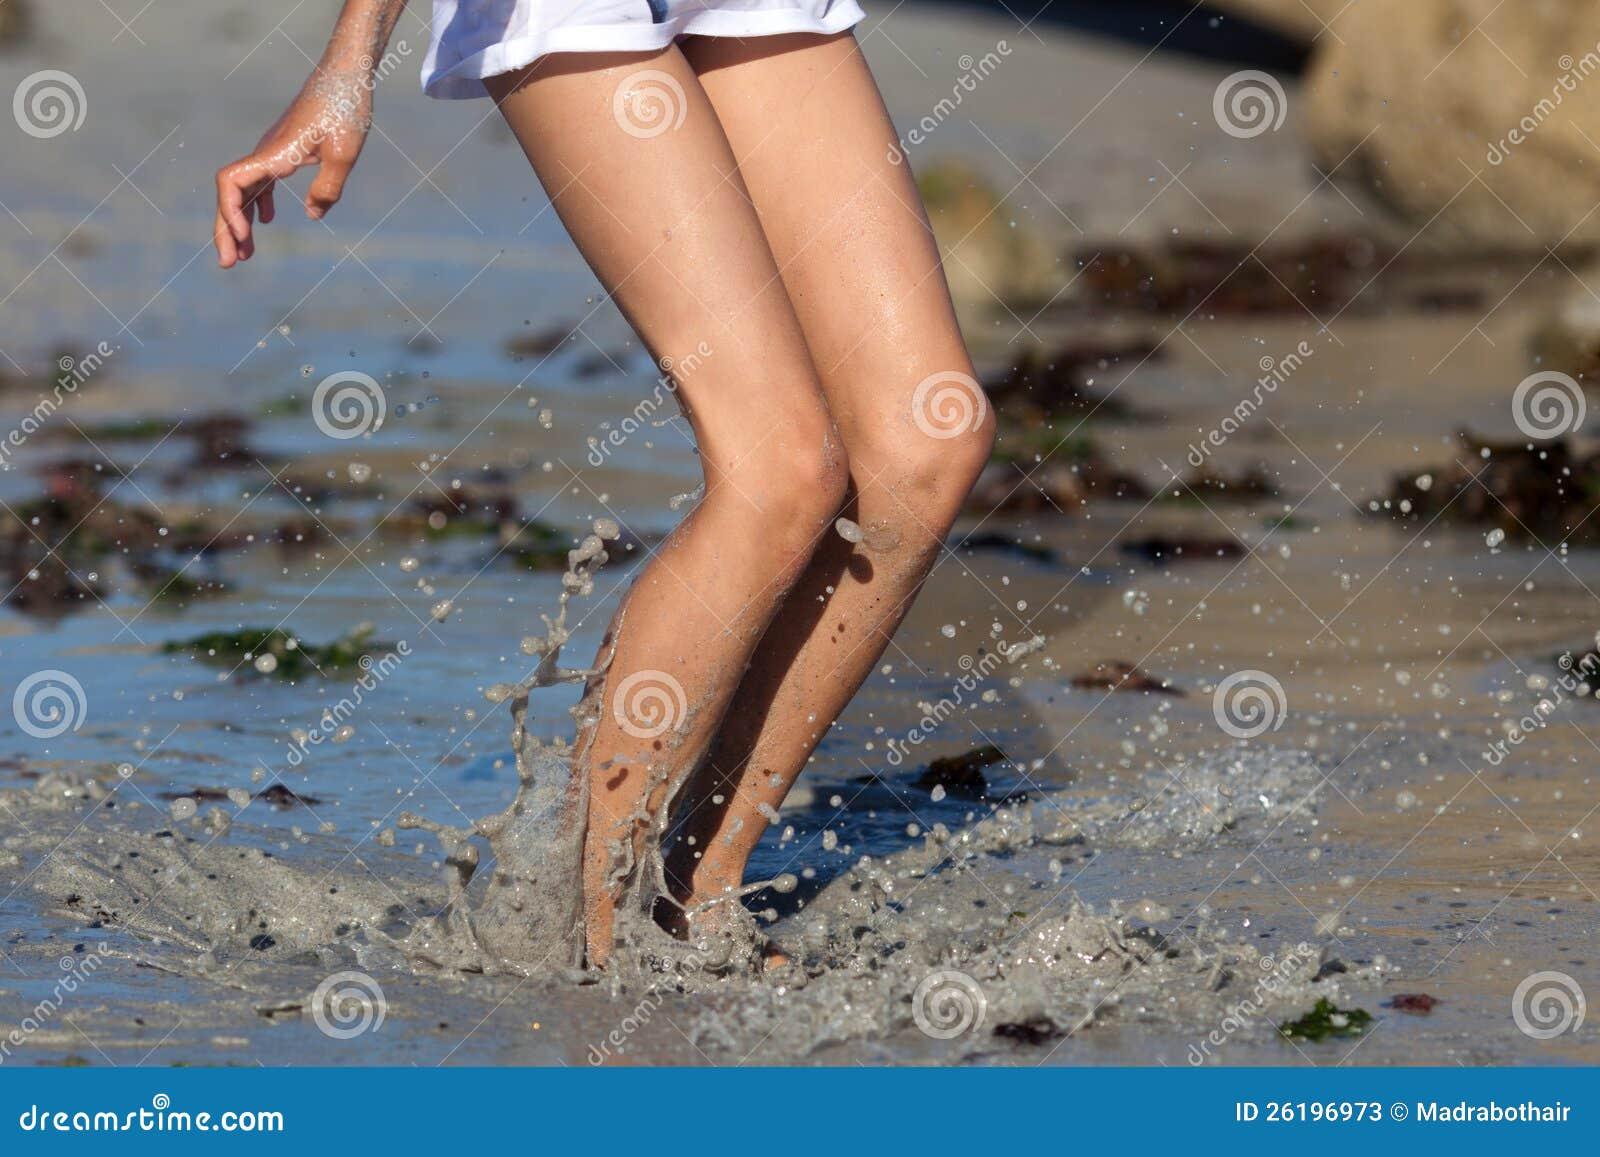 W błotnistej wodzie dziewczyna skoki